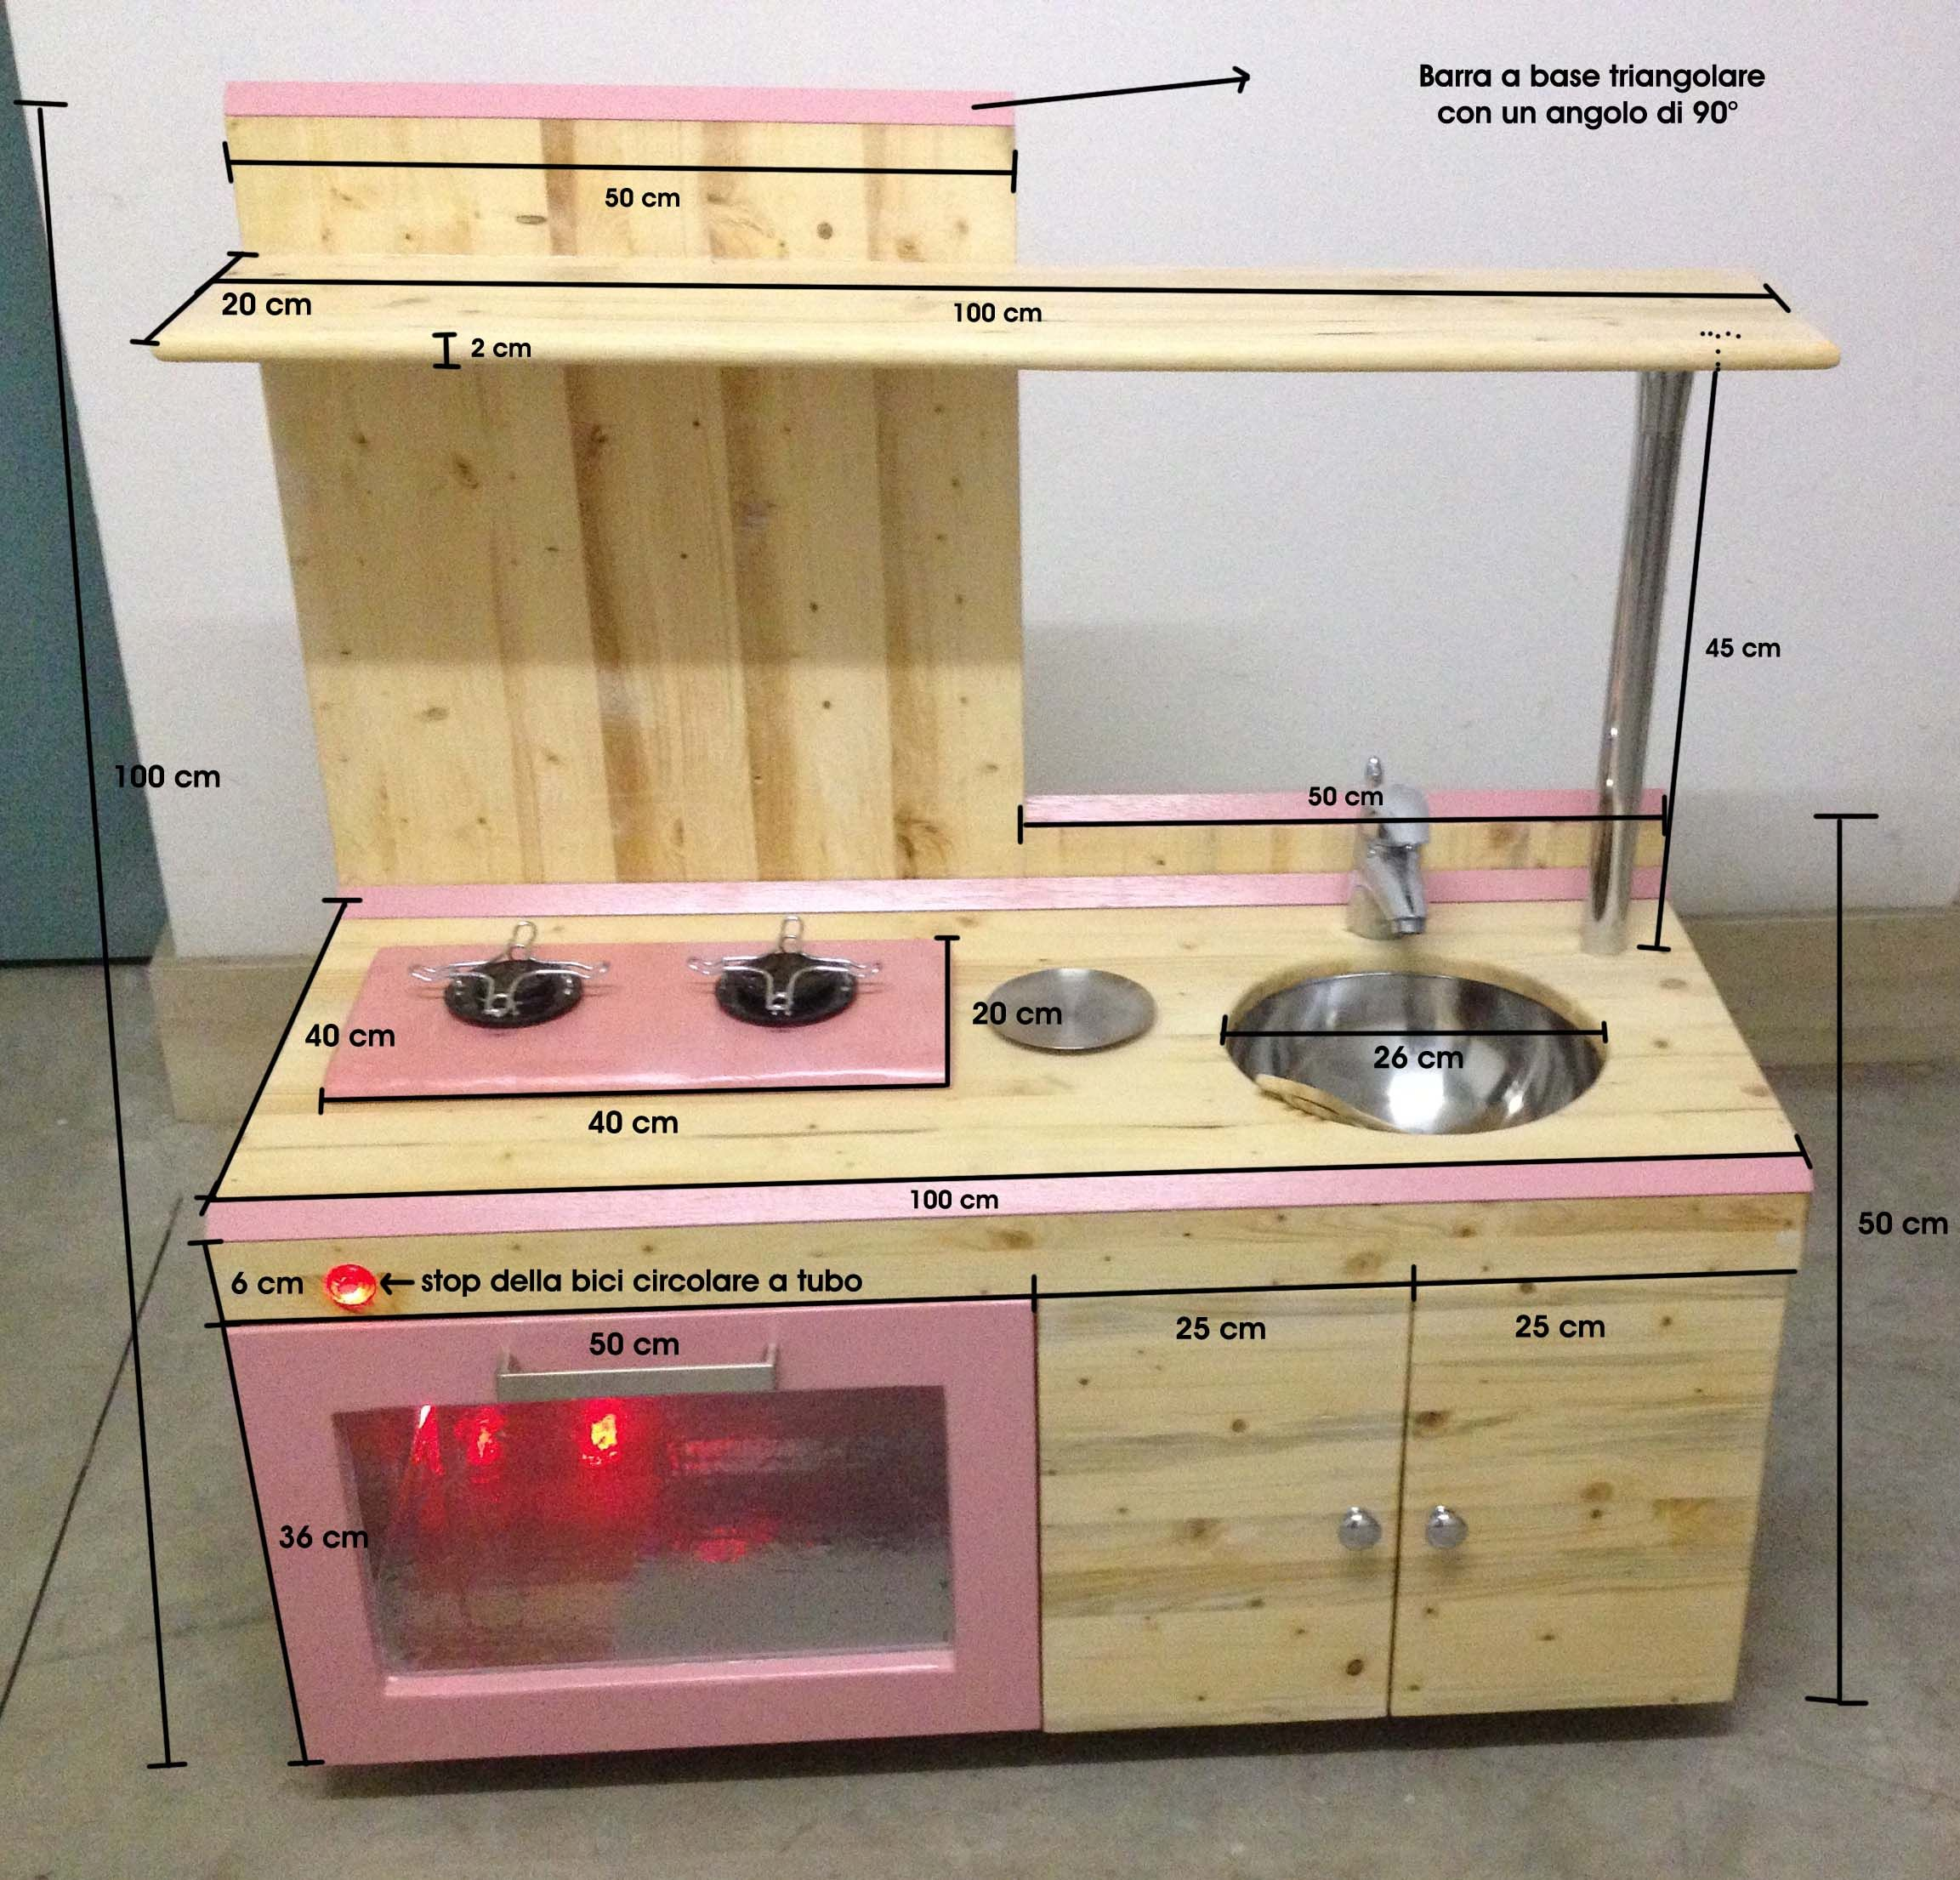 e costruire una cucina giocattolo in legno per i propri figli